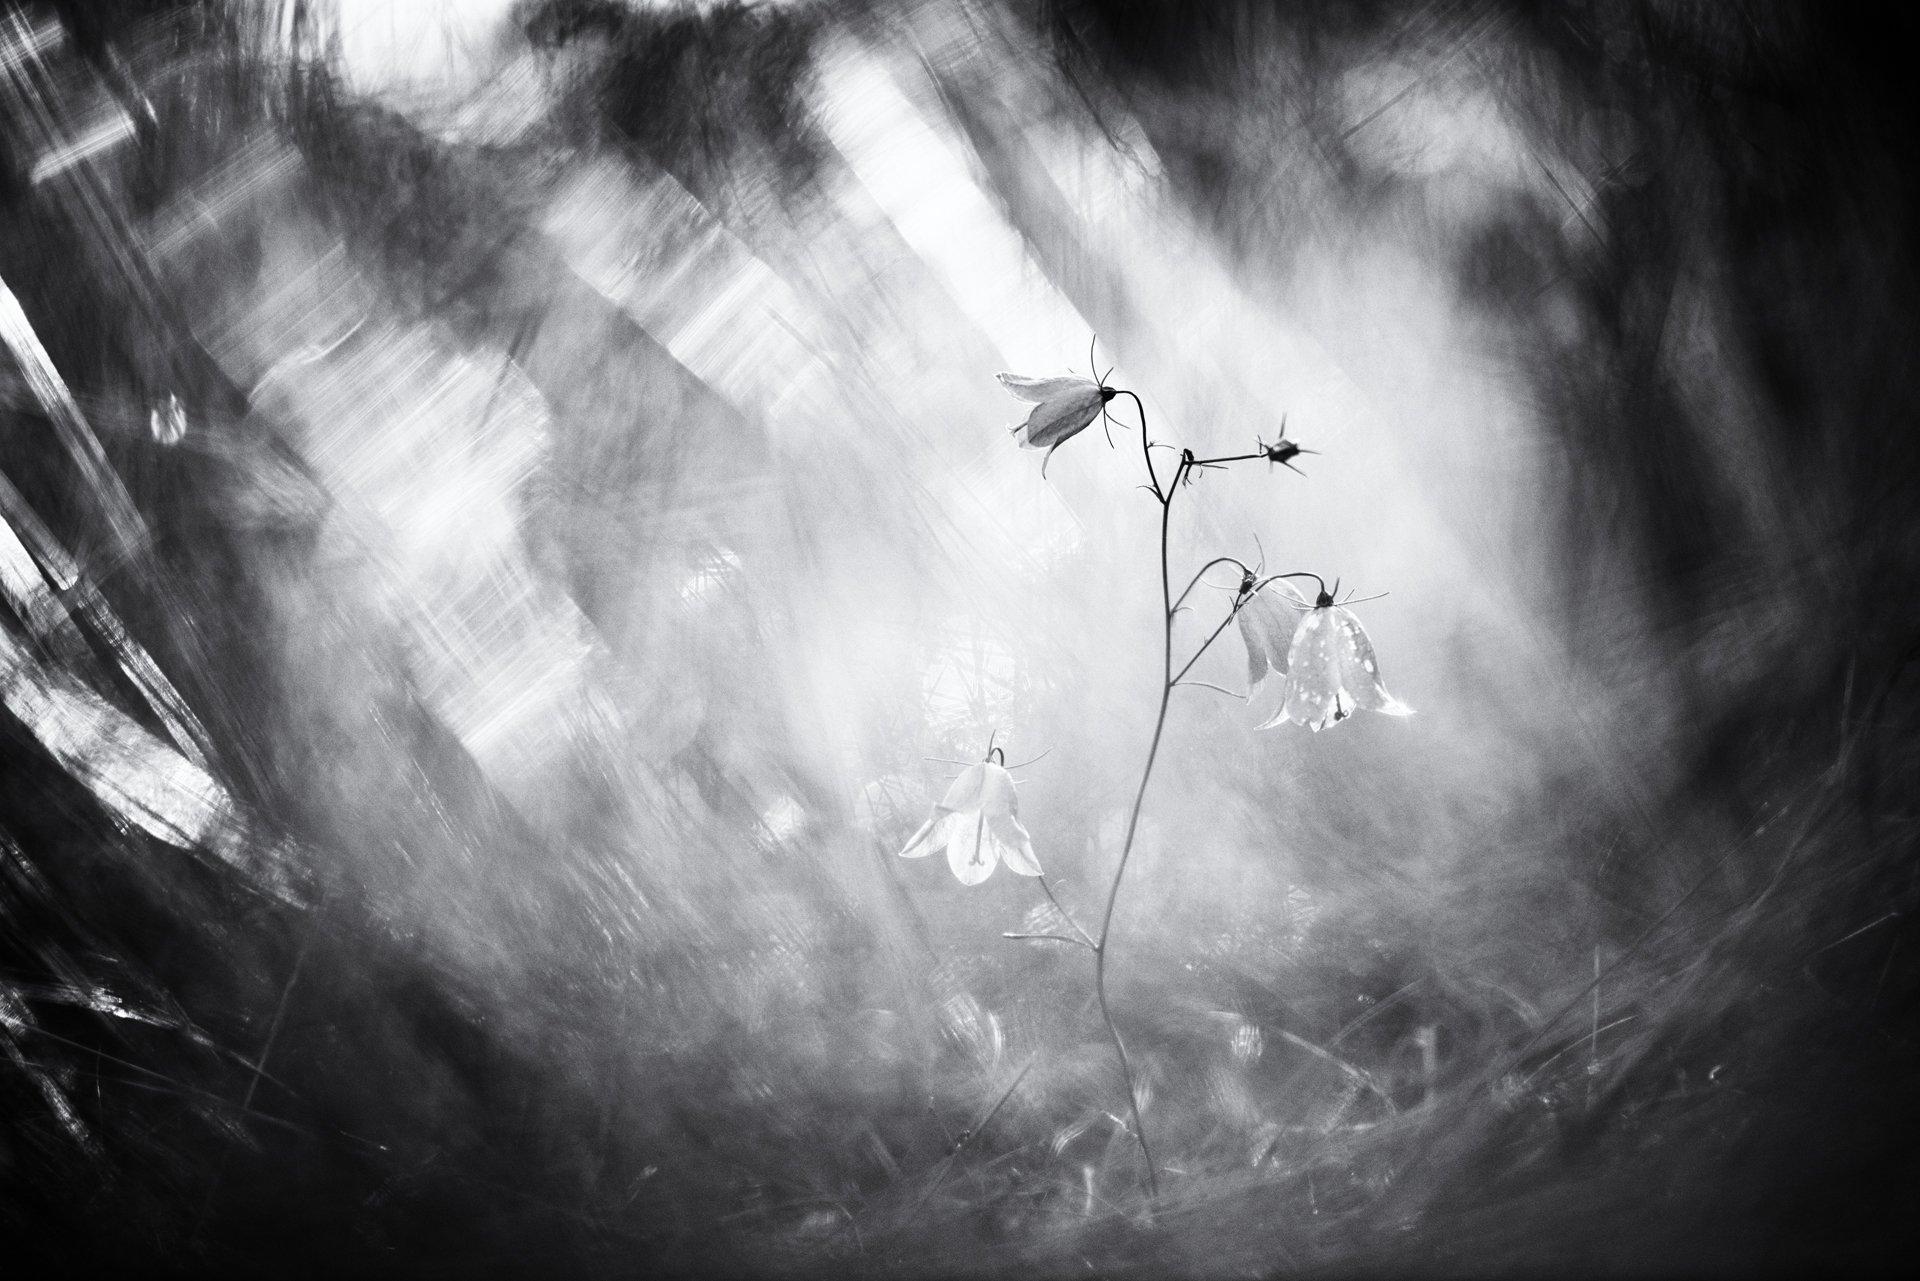 цветы,цветок,макро,растения,колокольчик,флора,природа, Александр Иванов